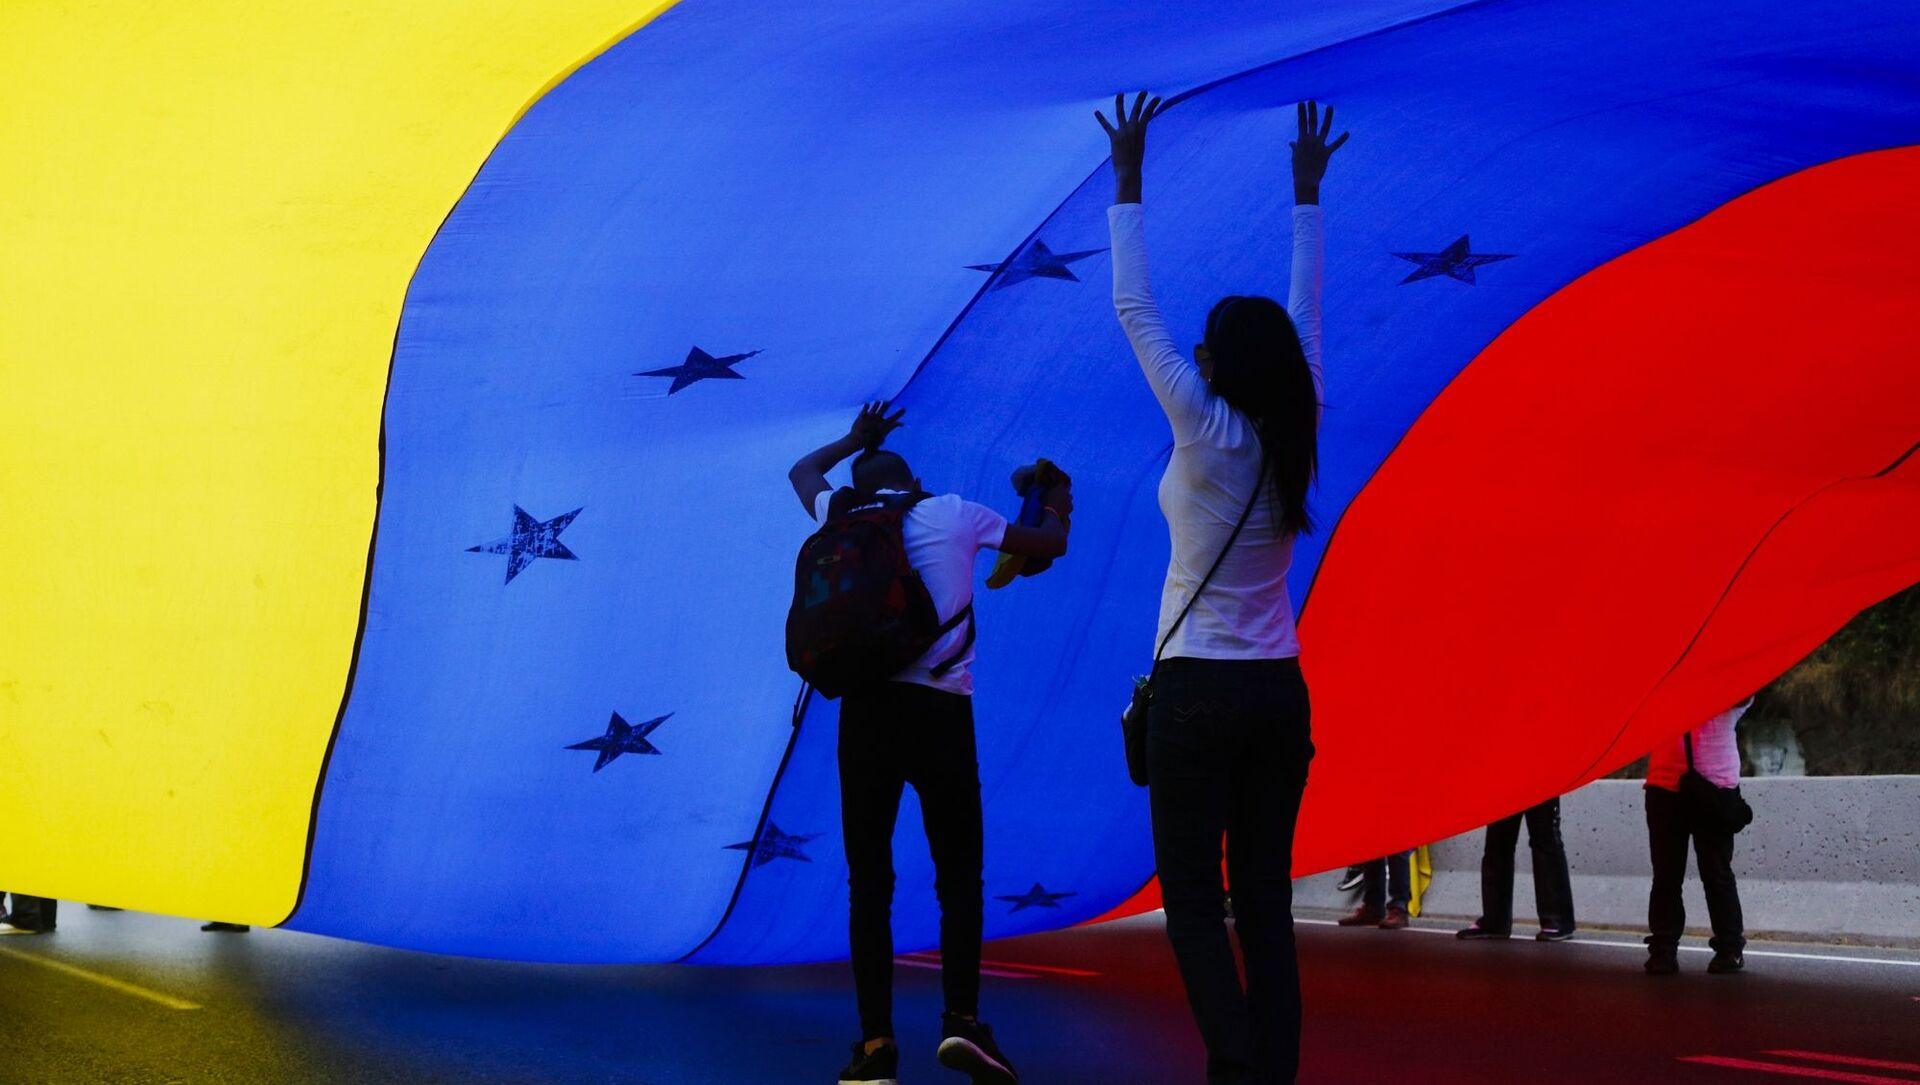 Những người tham gia cuộc biểu tình ở Caracas ủng hộ thủ lĩnh phe đối lập Juan Guaido, tự xưng là tổng thống lâm thời Venezuela  - Sputnik Việt Nam, 1920, 29.03.2021